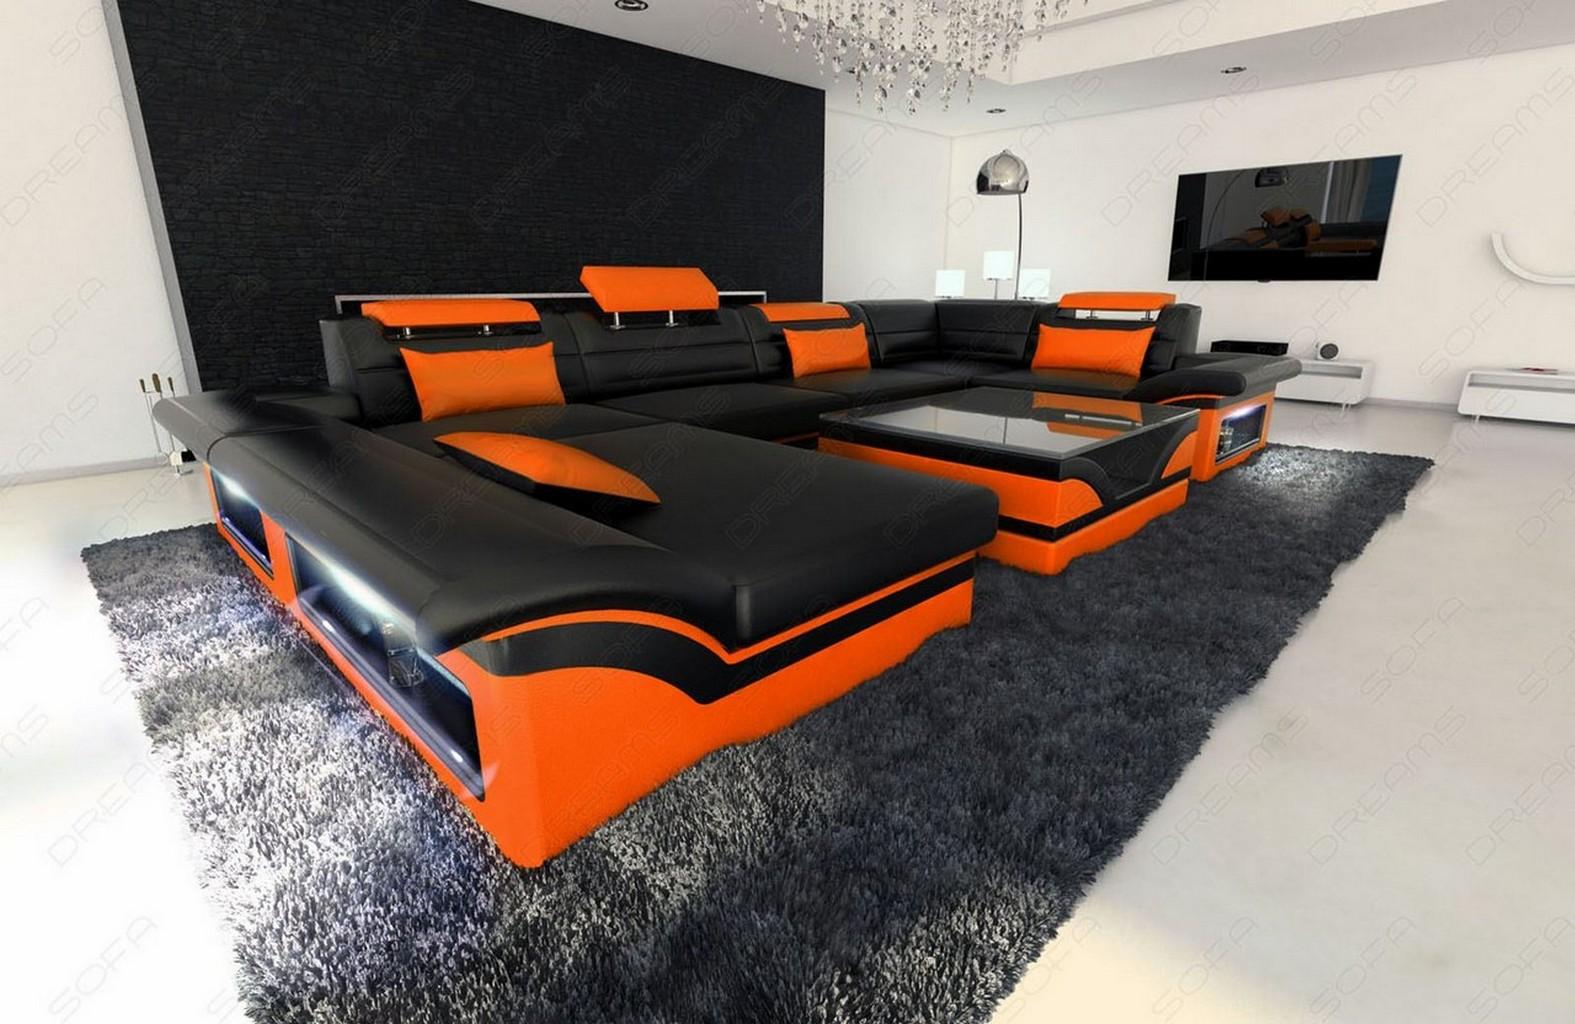 Big Leather Sofa ENZO With LED Lights Black Orange EBay